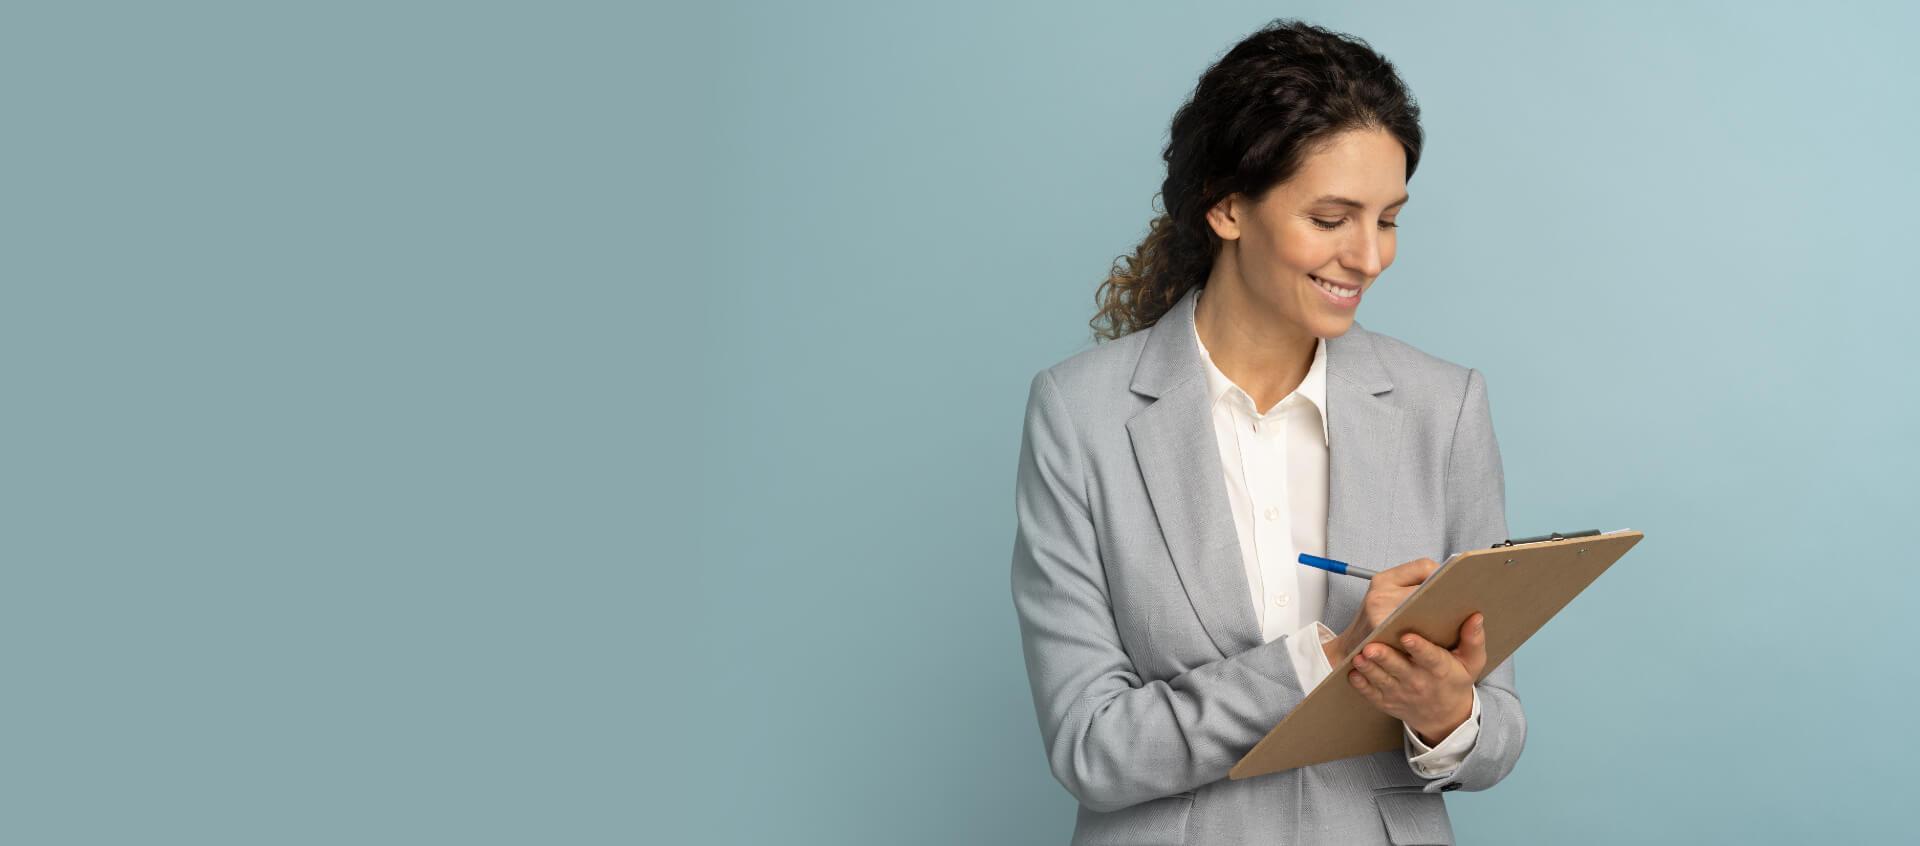 Femme en tailleur qui rédige dans un carnet